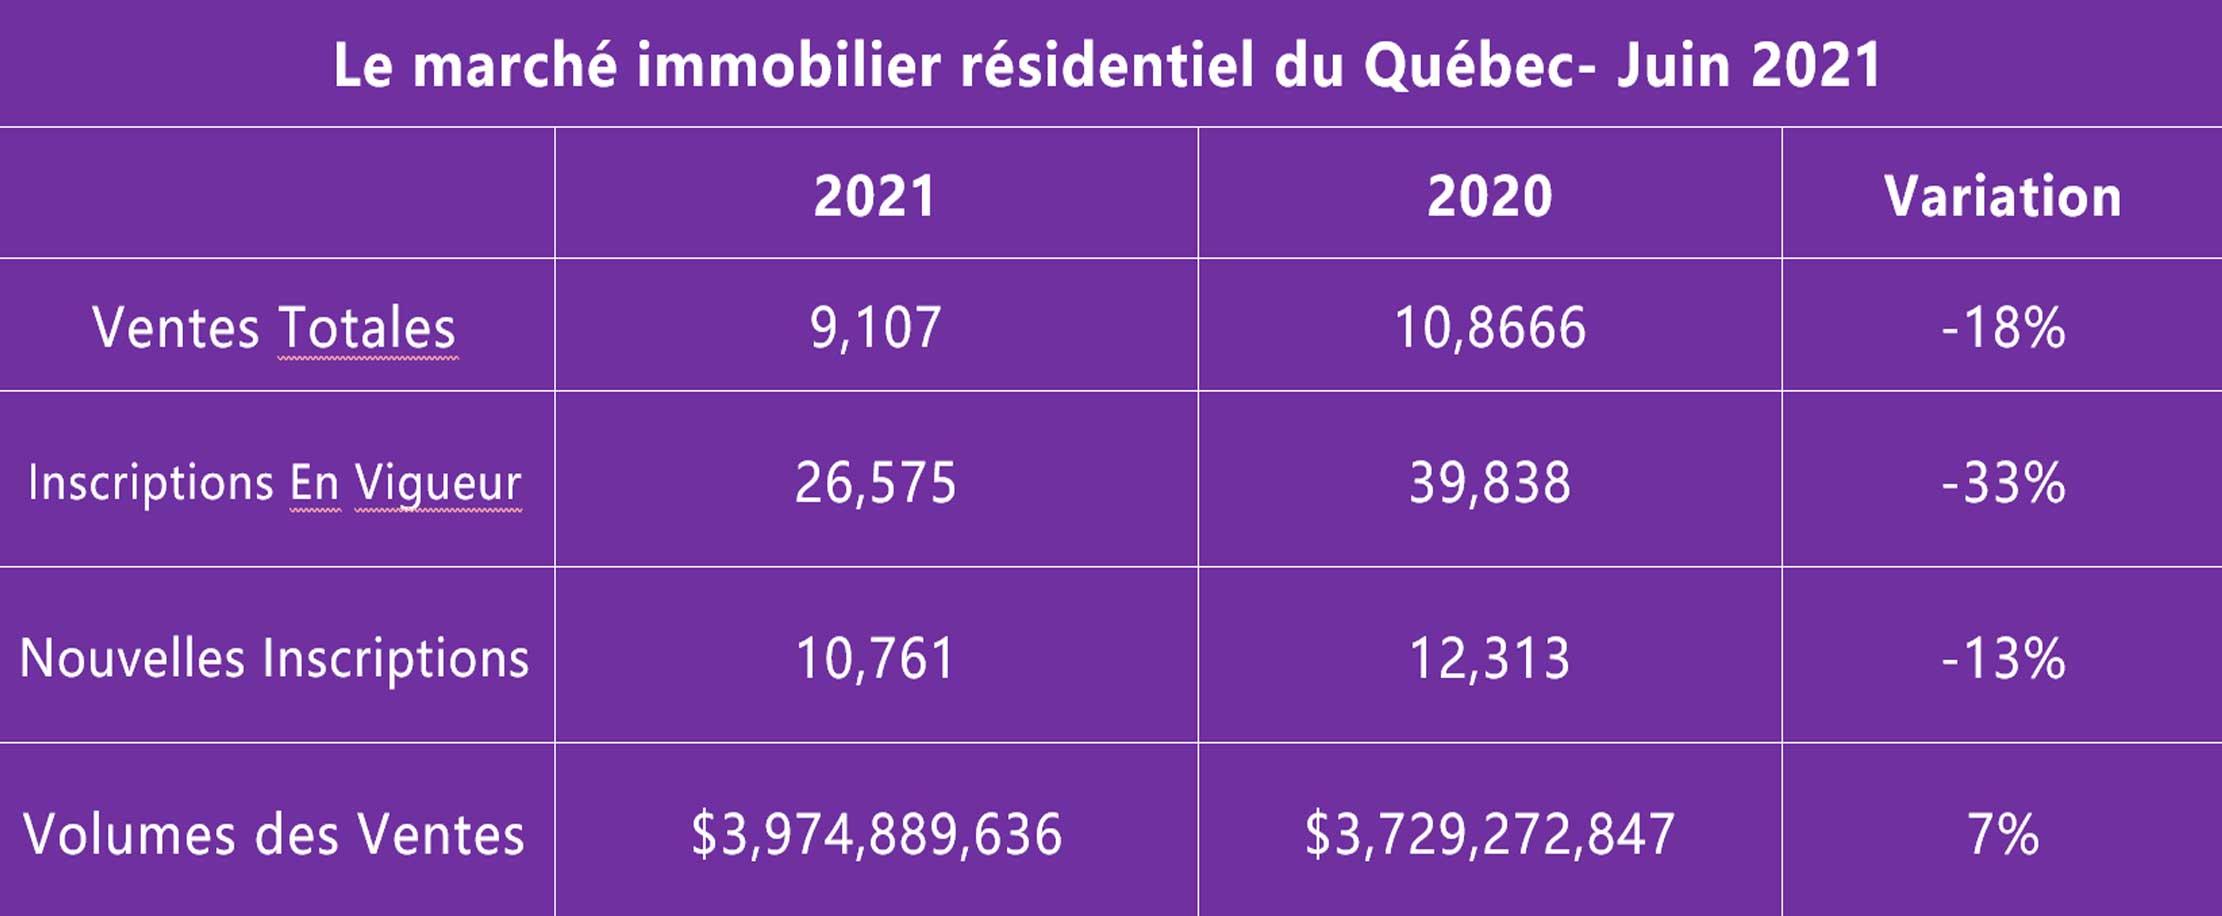 Rapport du marché immobilier du Québec juin 2021